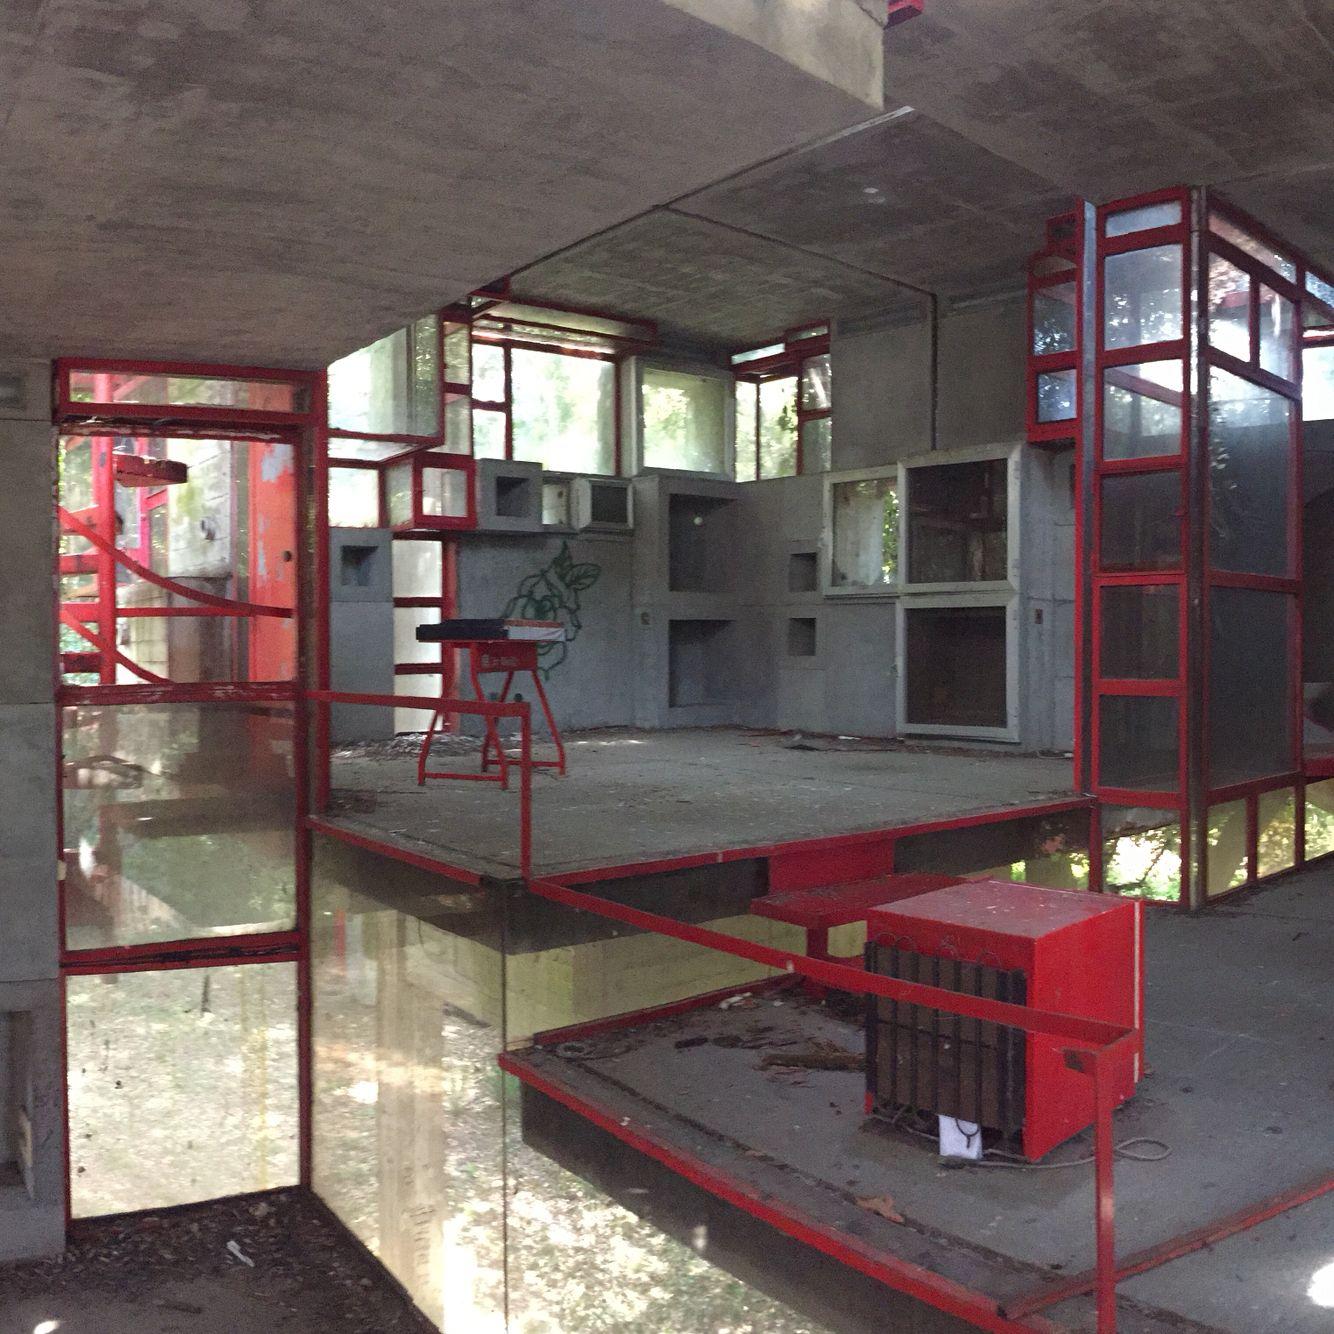 Villa necchi campiglio by piero portaluppi platform - Giuseppe Perugini Ruin Of His Experimental House Fregene Italy Interior